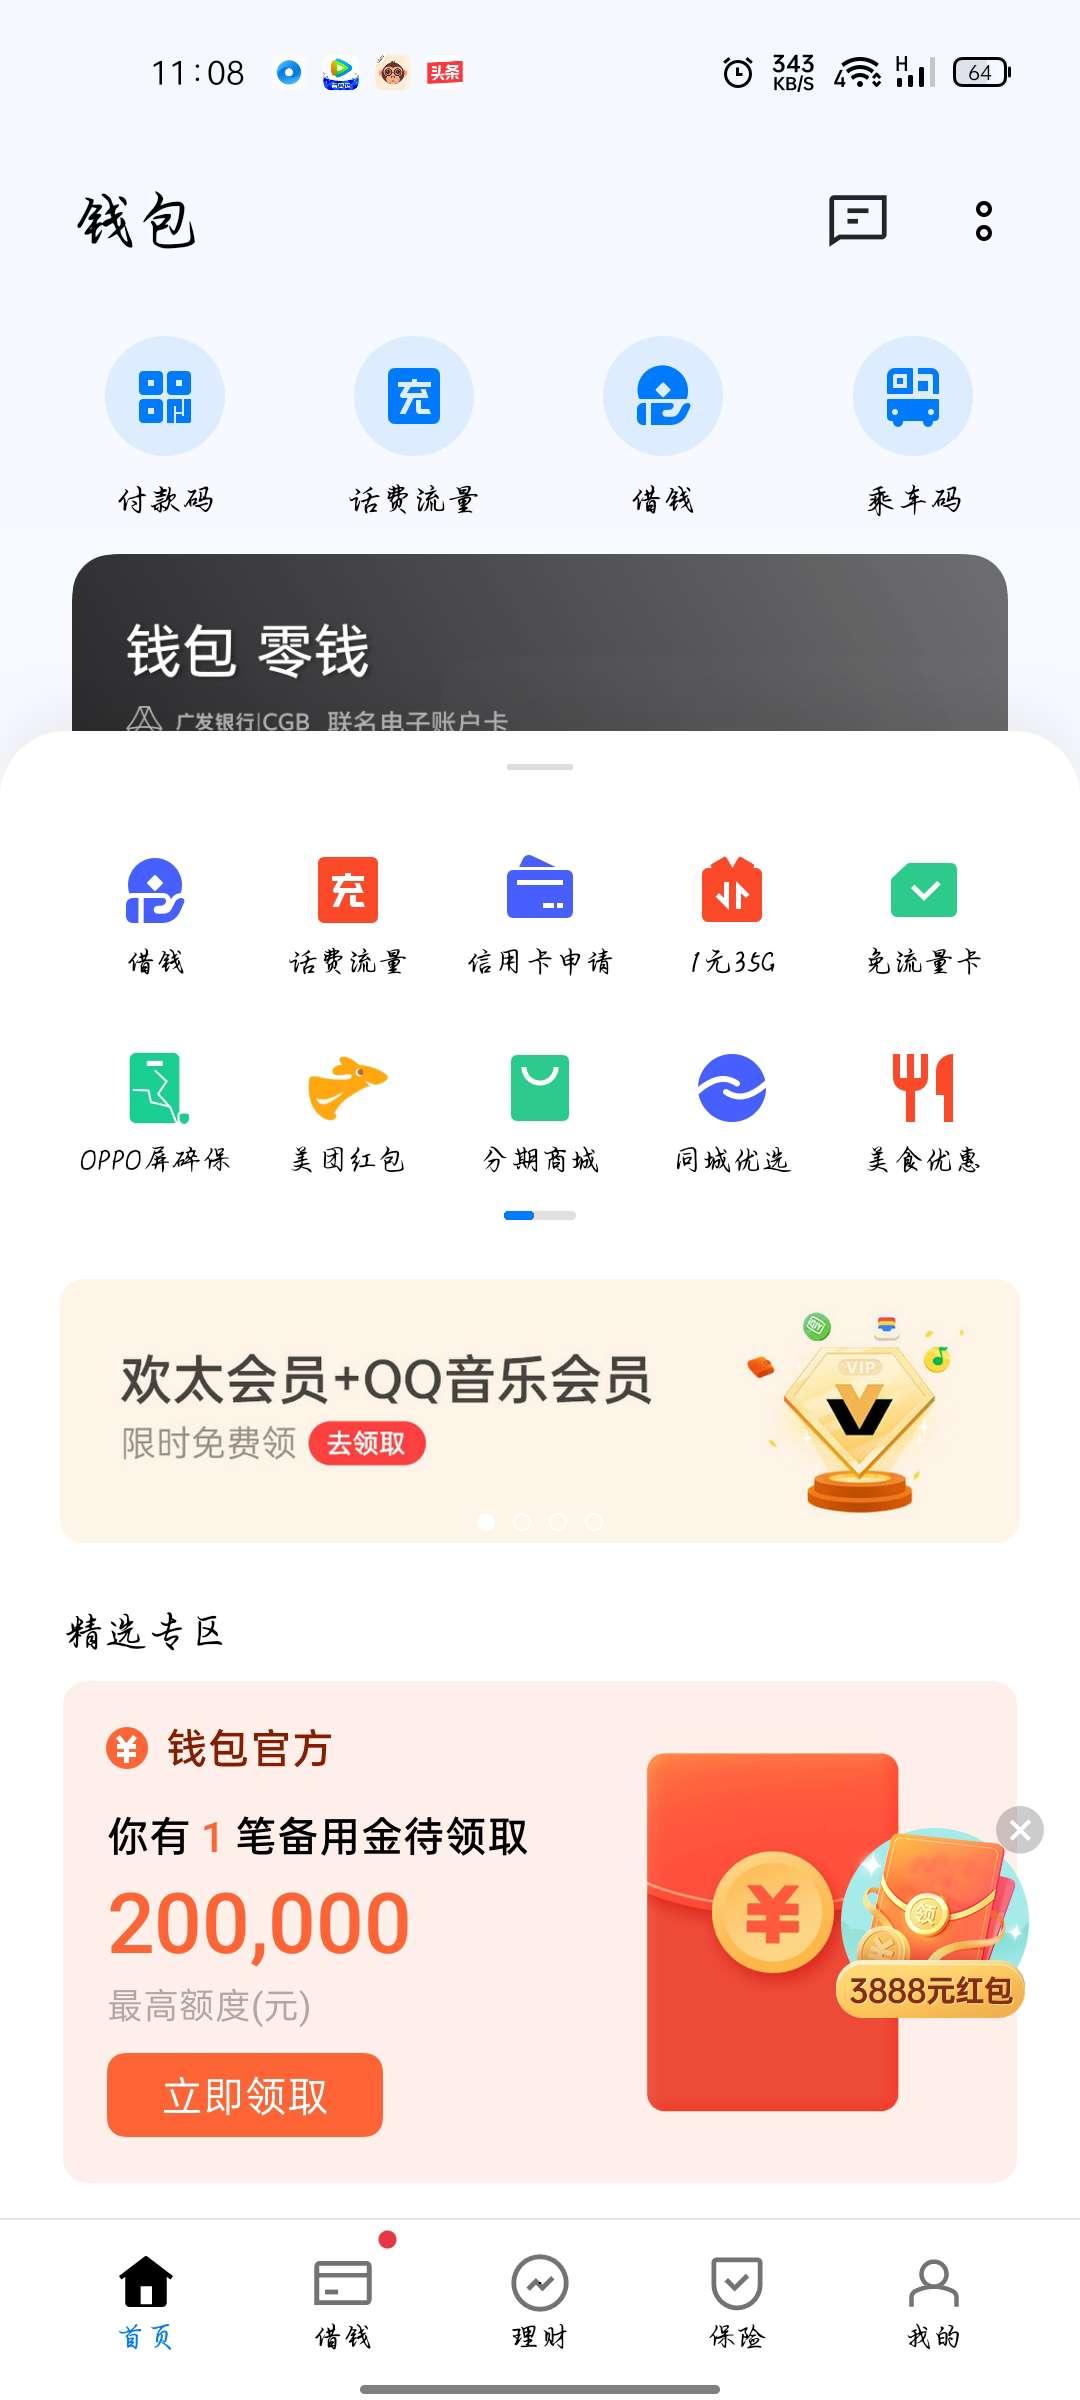 OPPO手机上实名认证领大半年QQ音乐豪华绿钻OPPOvip会员插图1